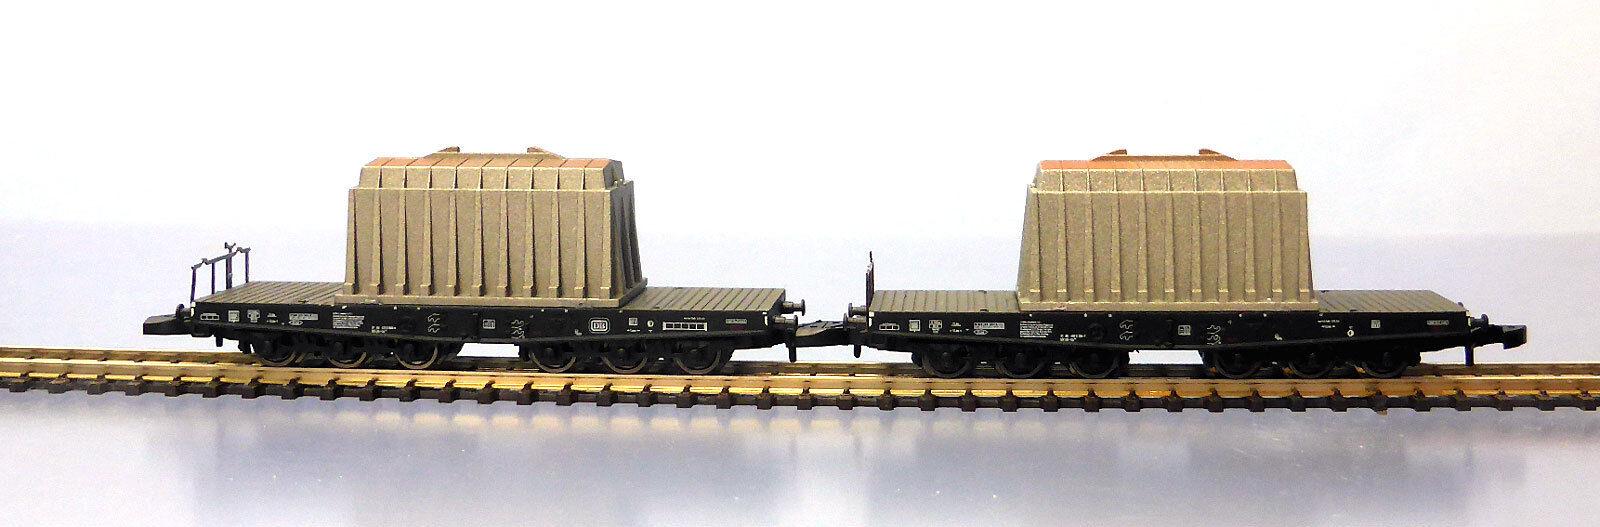 Z miniclub 82359; pesanti-Set DB, mattoncini in scatola originale/e748